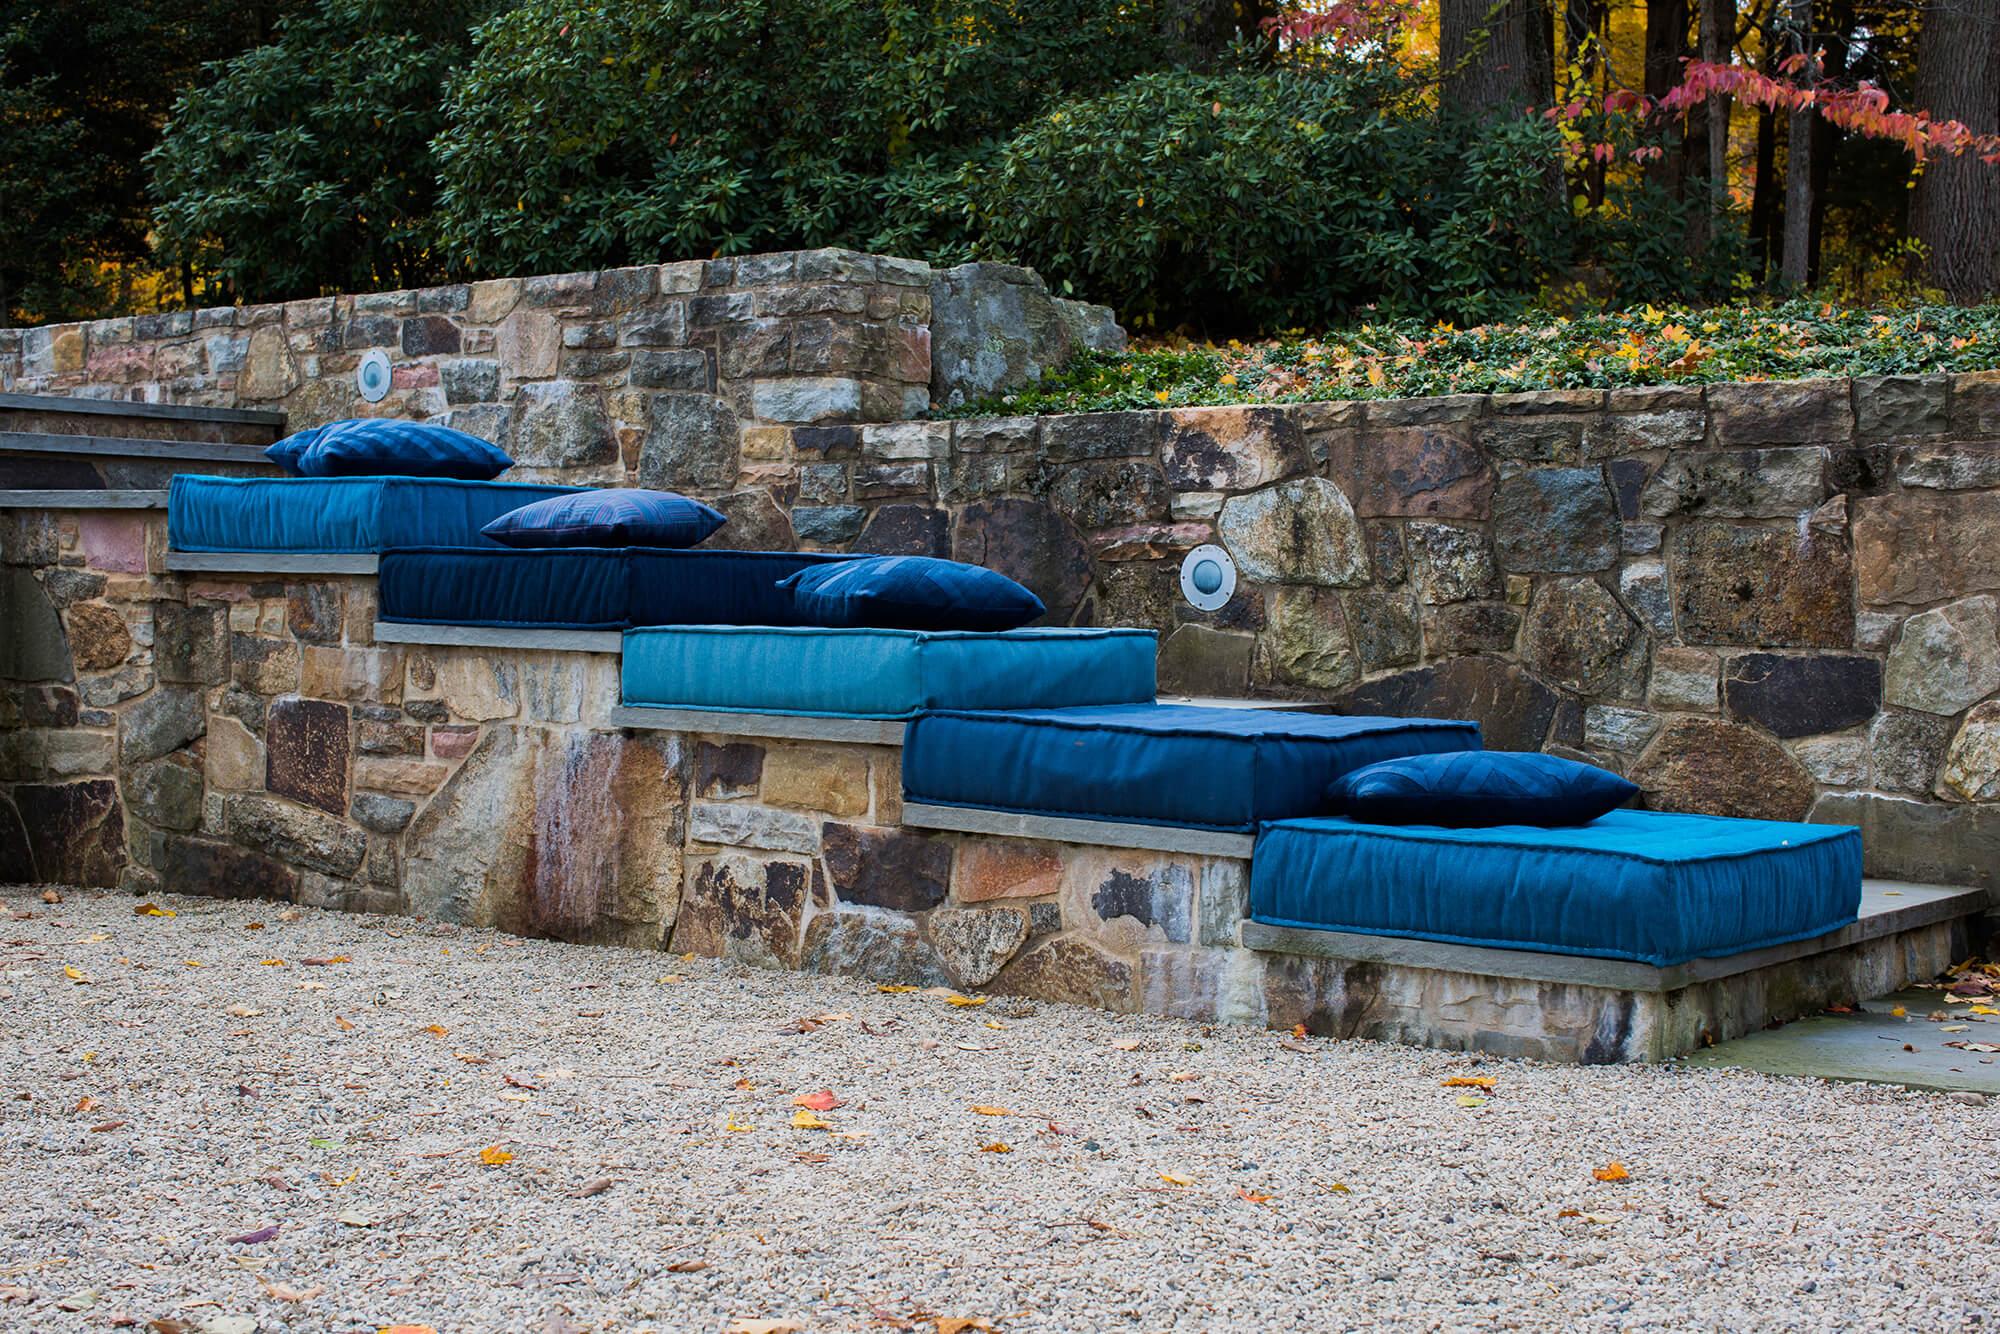 Nệm có sắc màu xanh dương xếp trên cầu thang ngoài trời